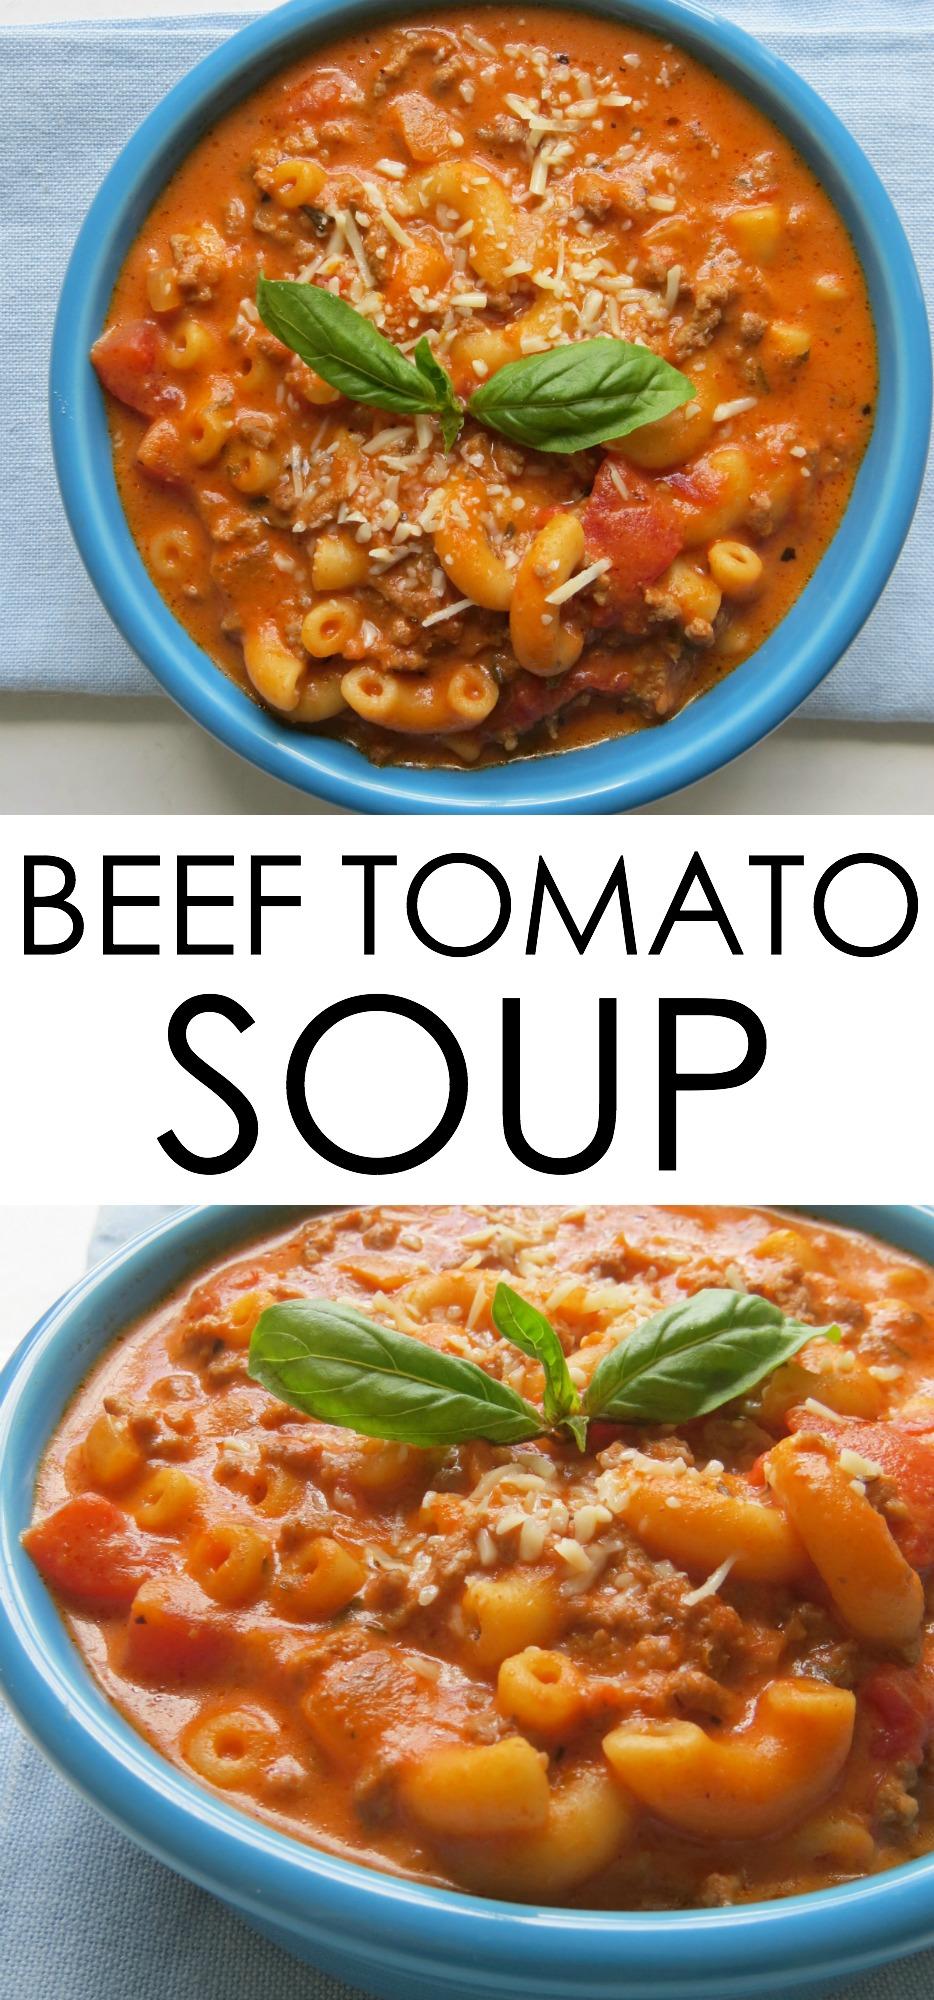 beef tomato soup recipe